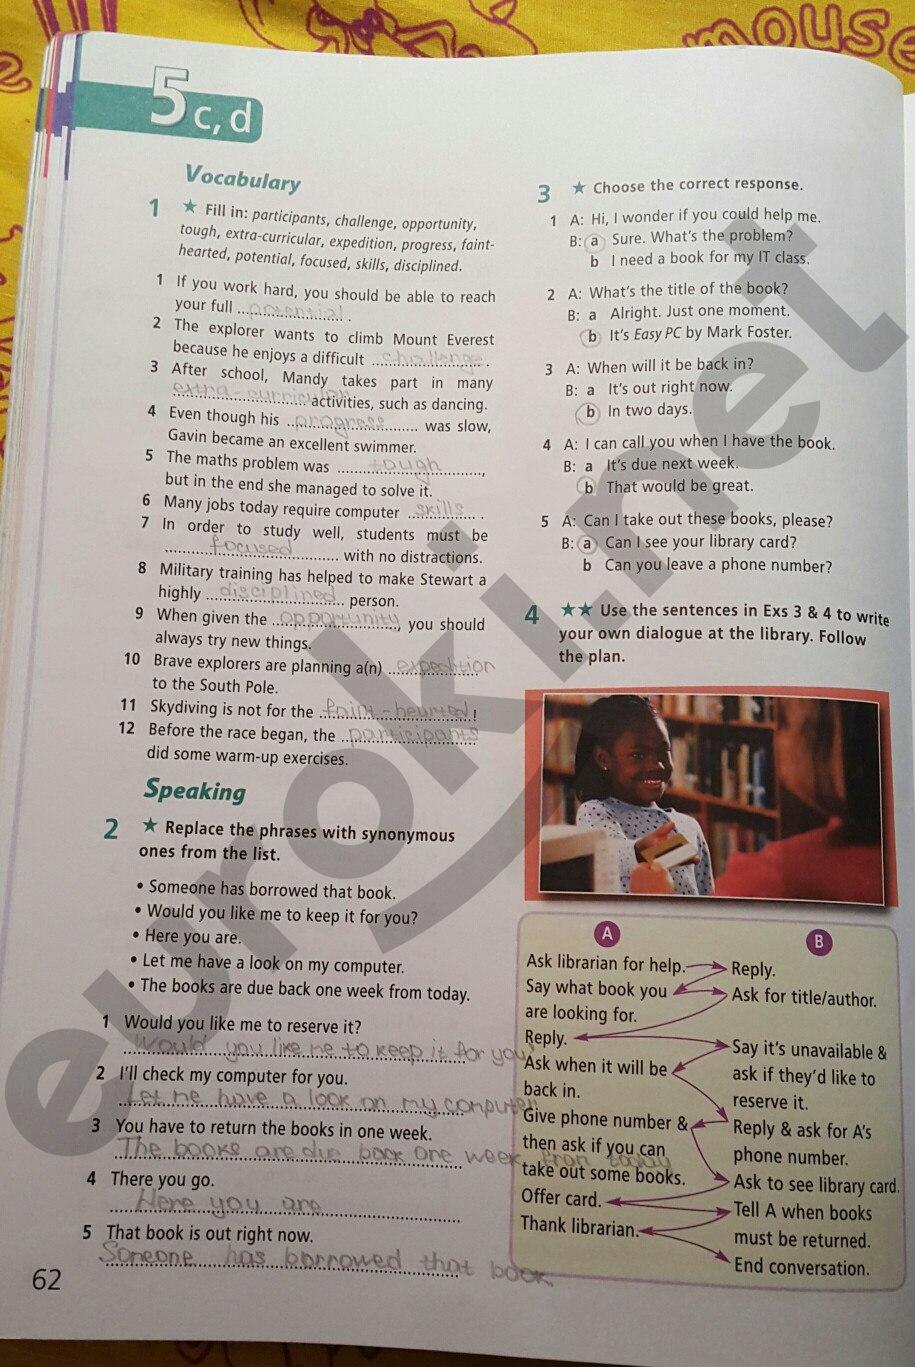 ГДЗ по английскому языку 8 класс рабочая тетрадь Баранова. Задание: стр. 62